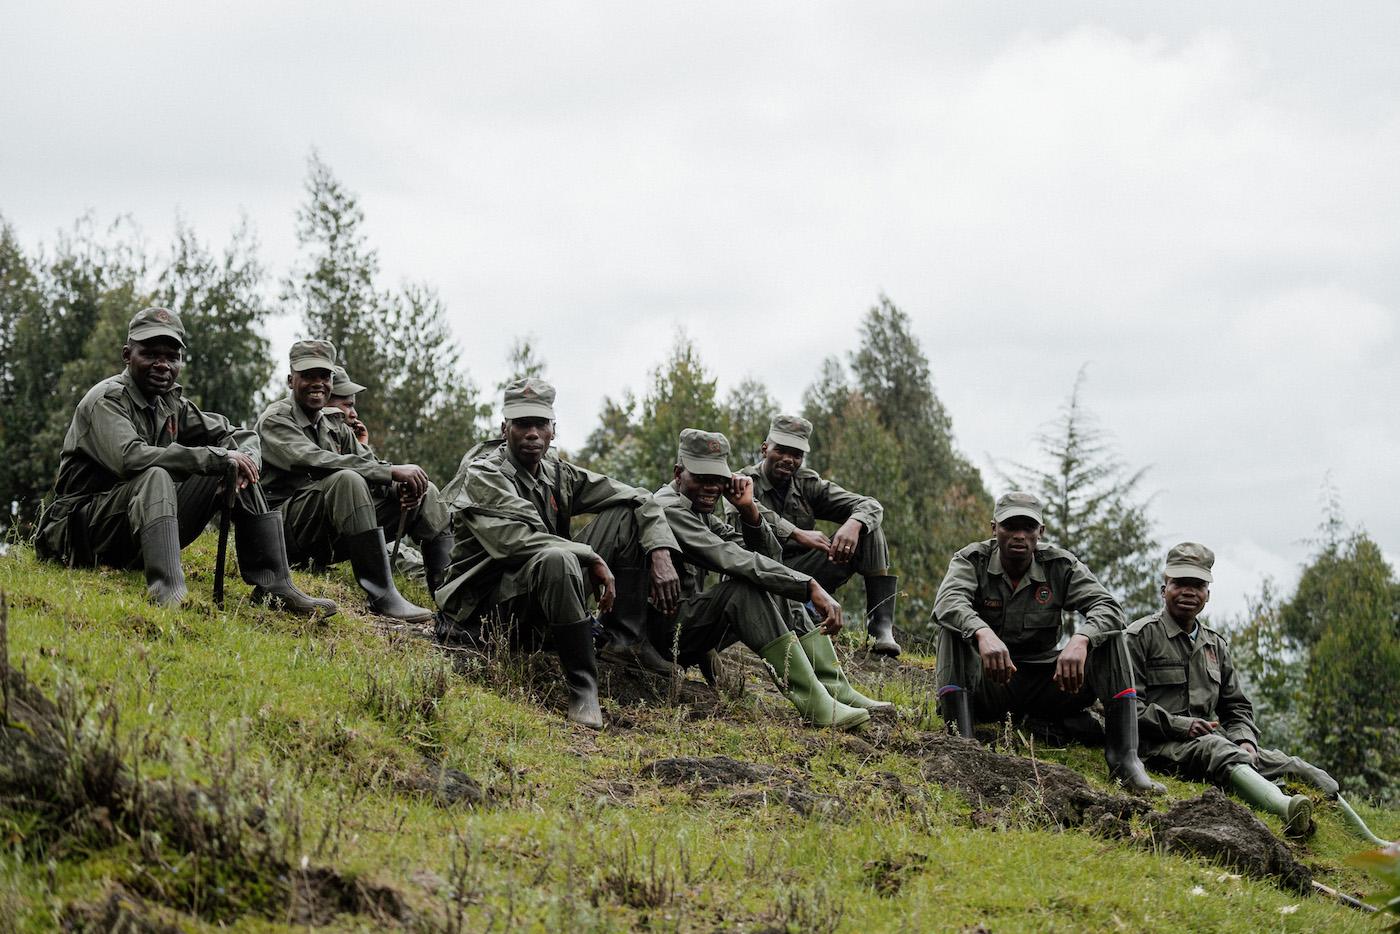 Met gidsen rwanda in op zoek naar gorilla